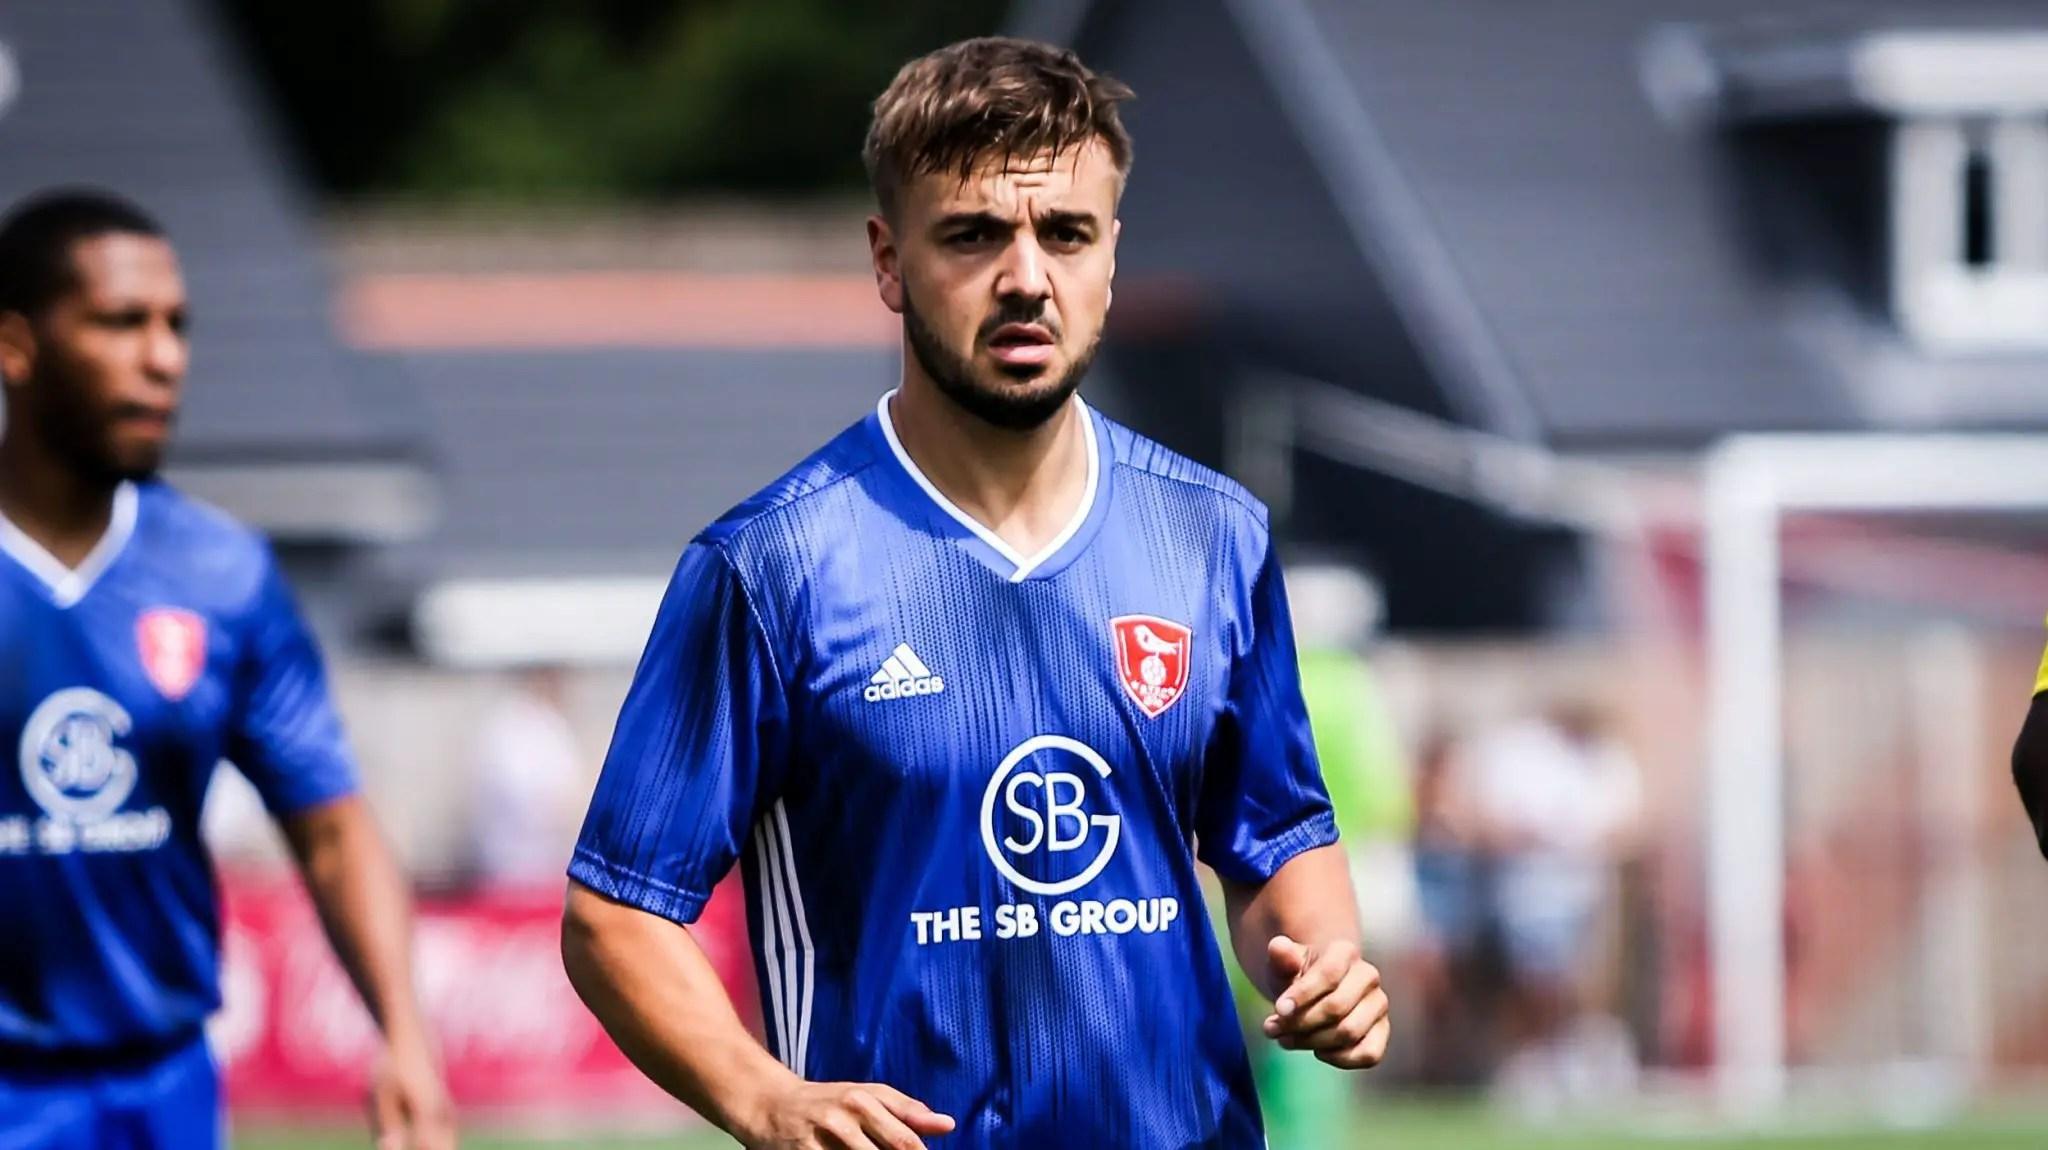 Bracknell Town defender Elliot Legg signs for Marlow